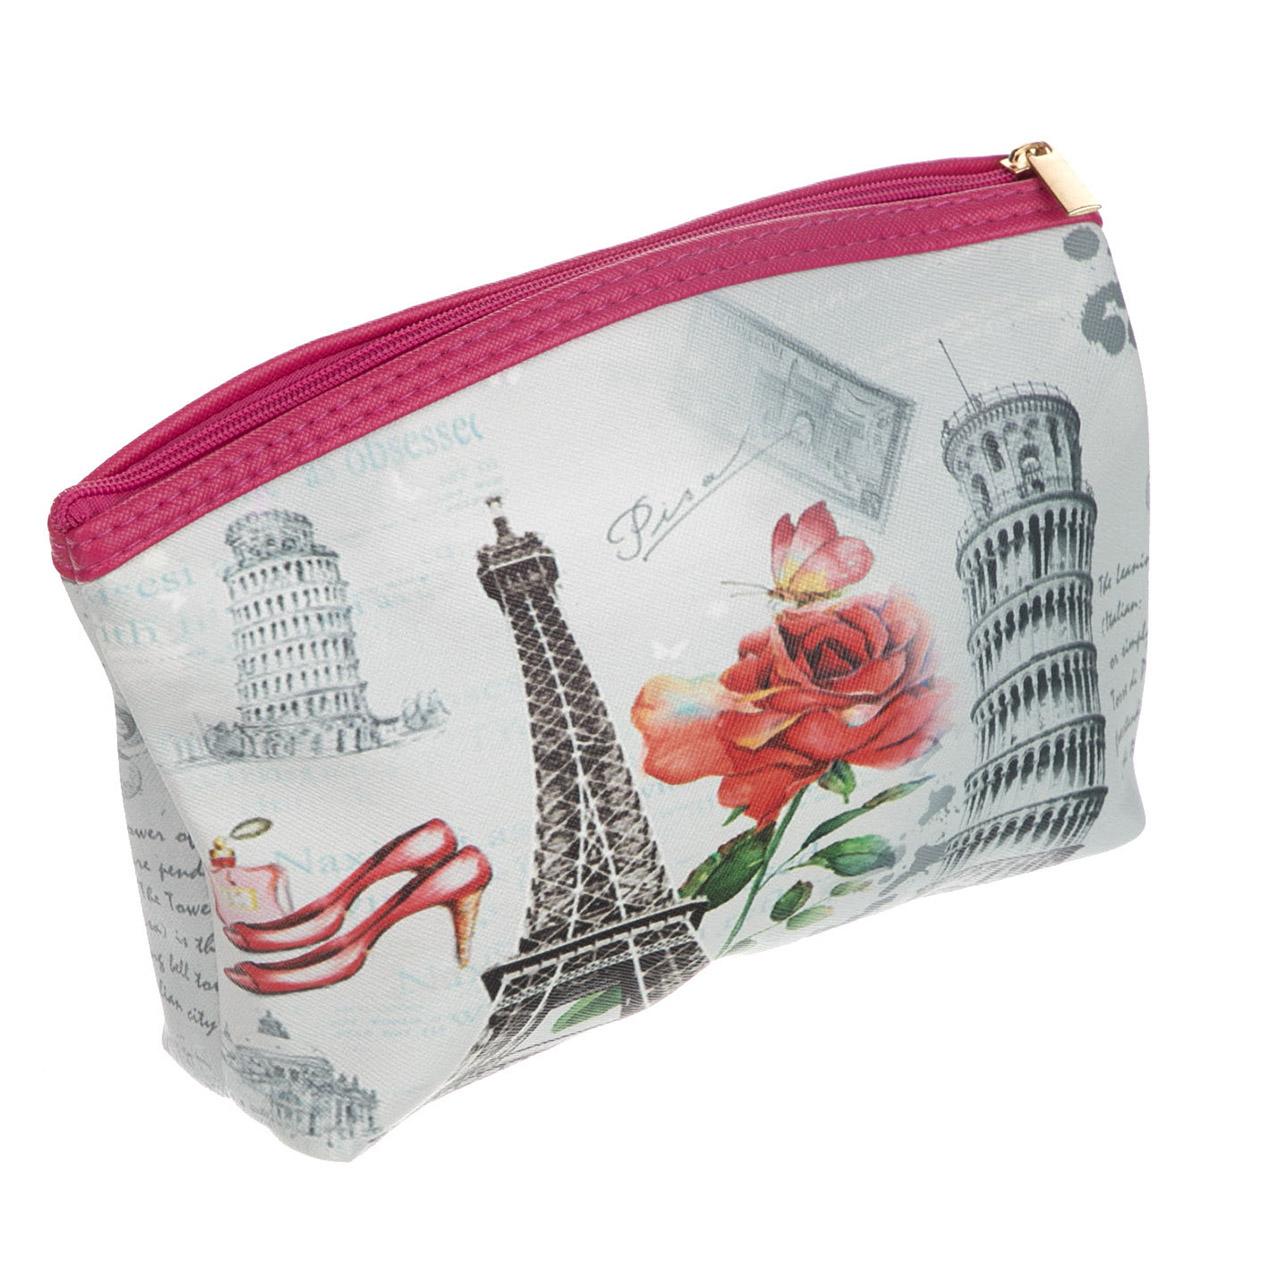 کیف لوازم آرایش طرح پاریس و پیزا |